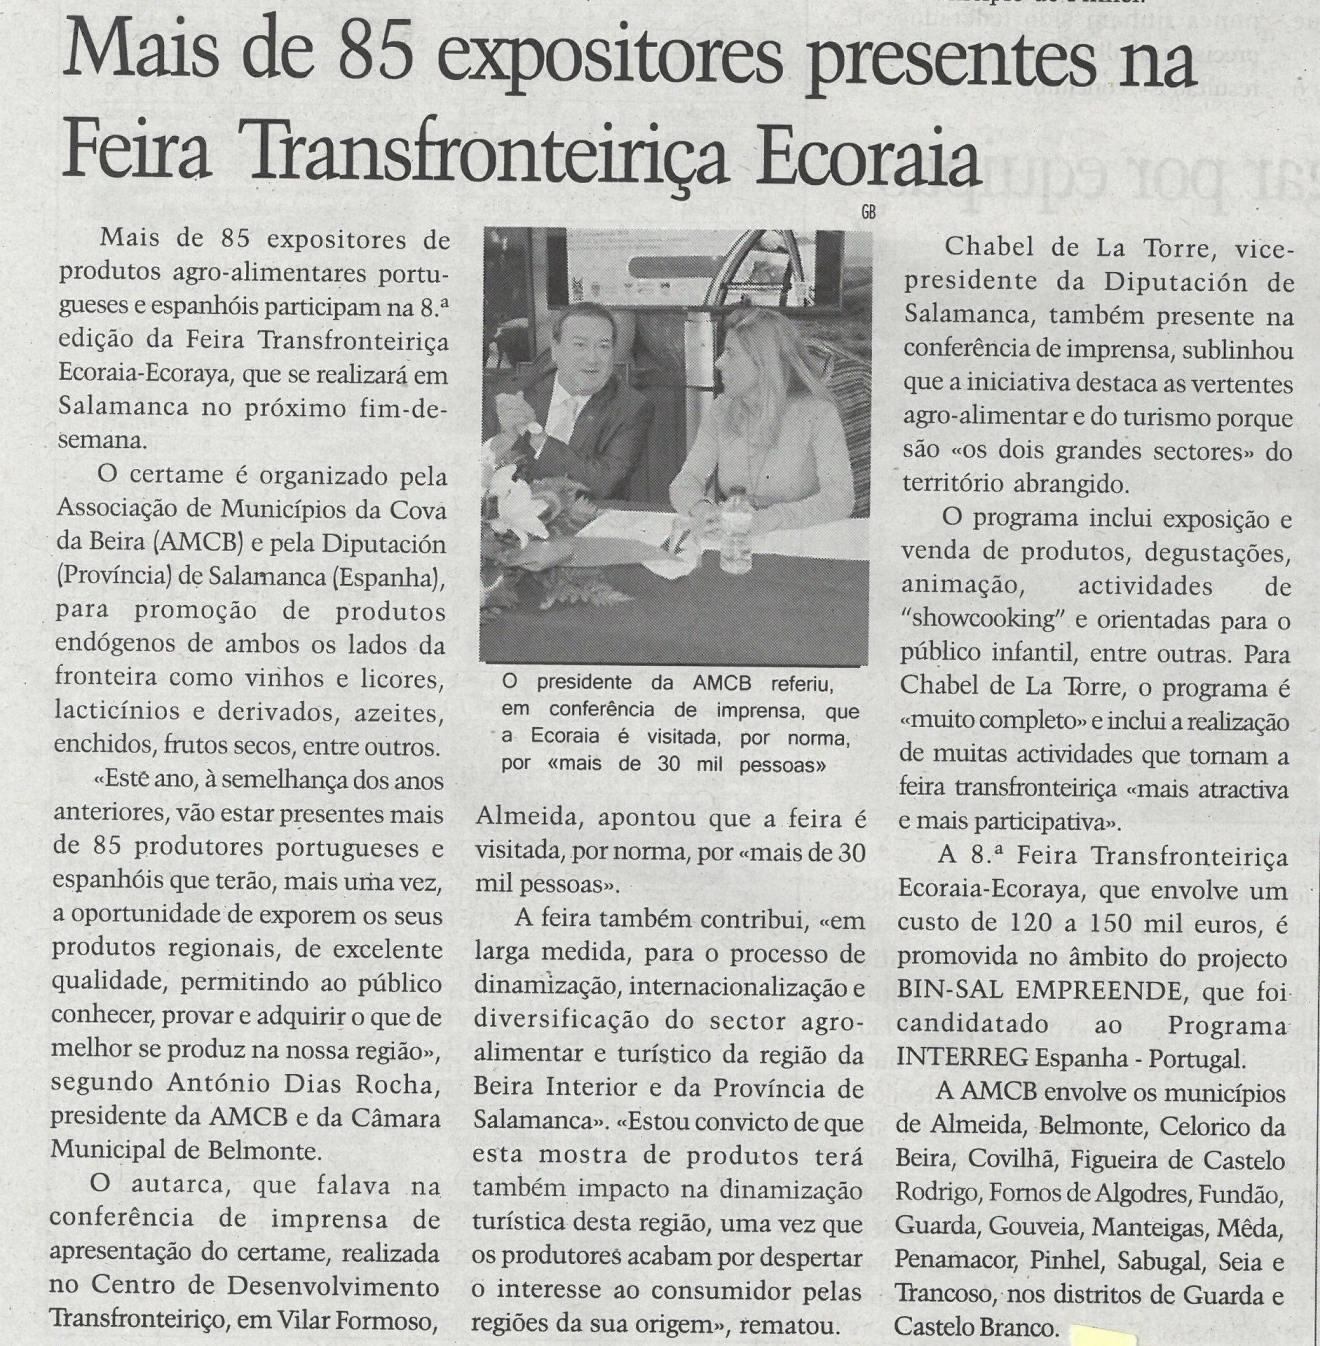 Mais de 85 expositores presentes na Feira Transfronteiriça Ecoraia | Terras da Beira